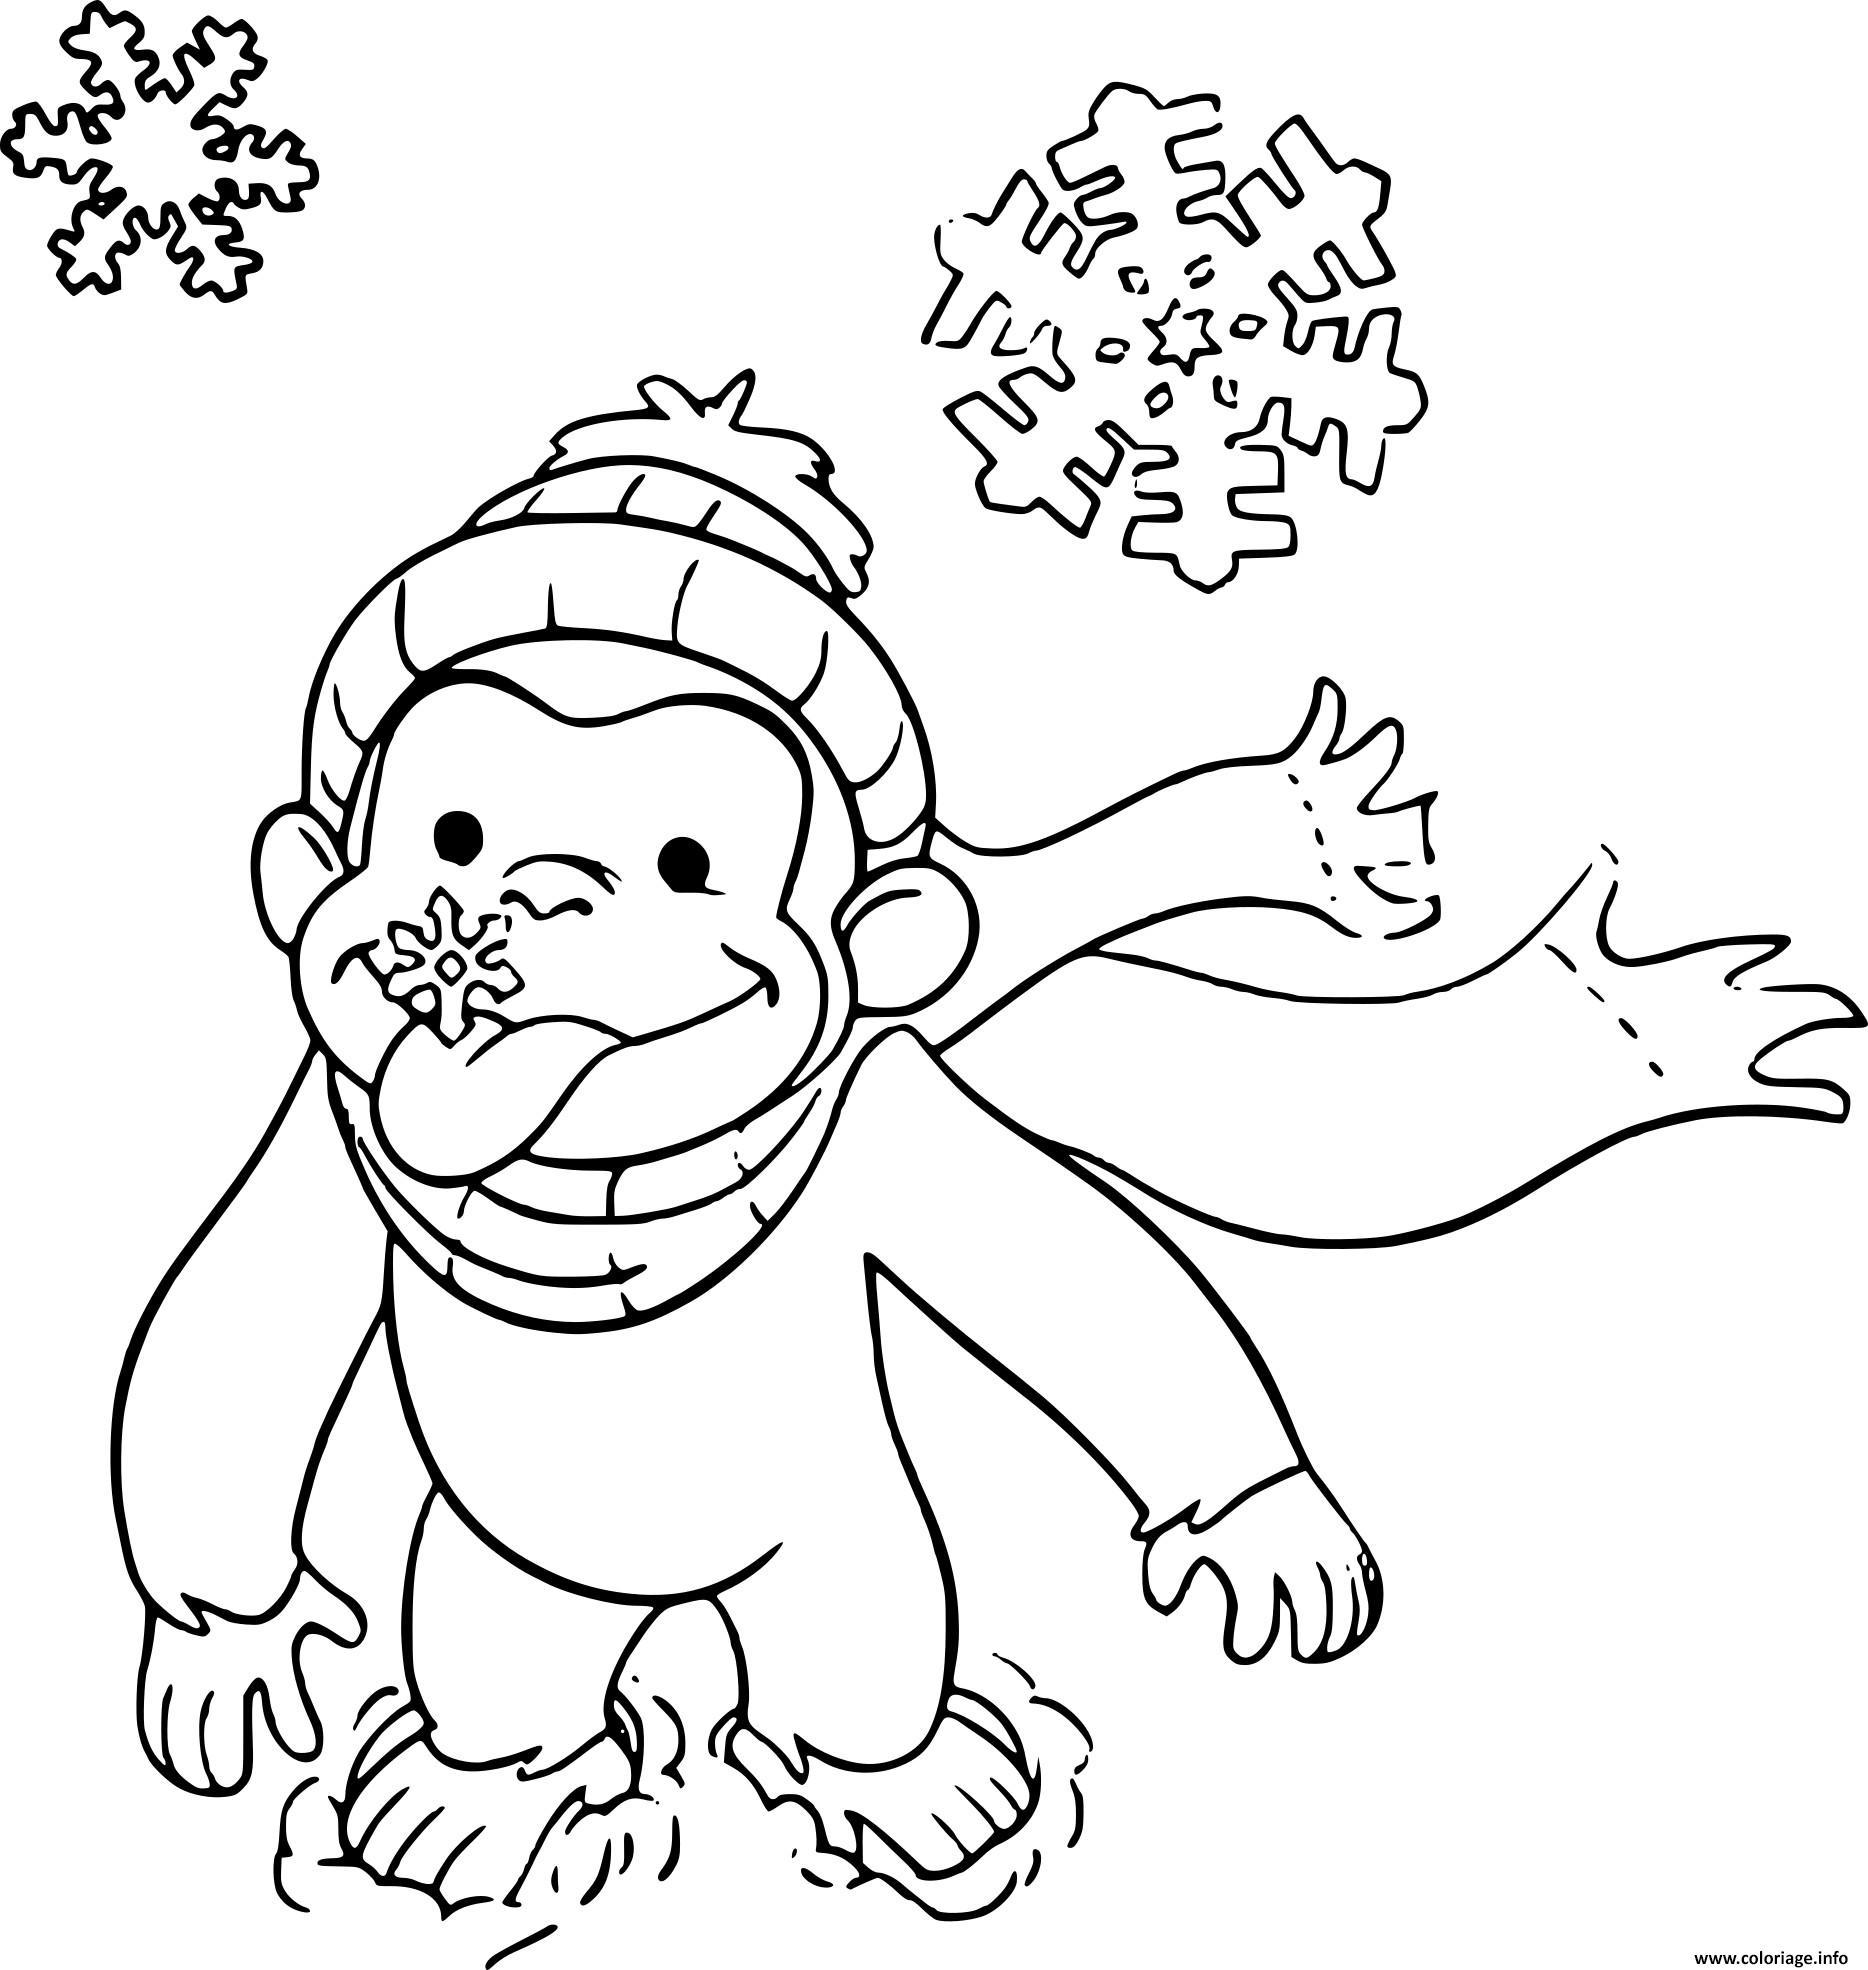 Coloriage Singe Facile Sur La Neige Dessin encequiconcerne Coloriage Gorille